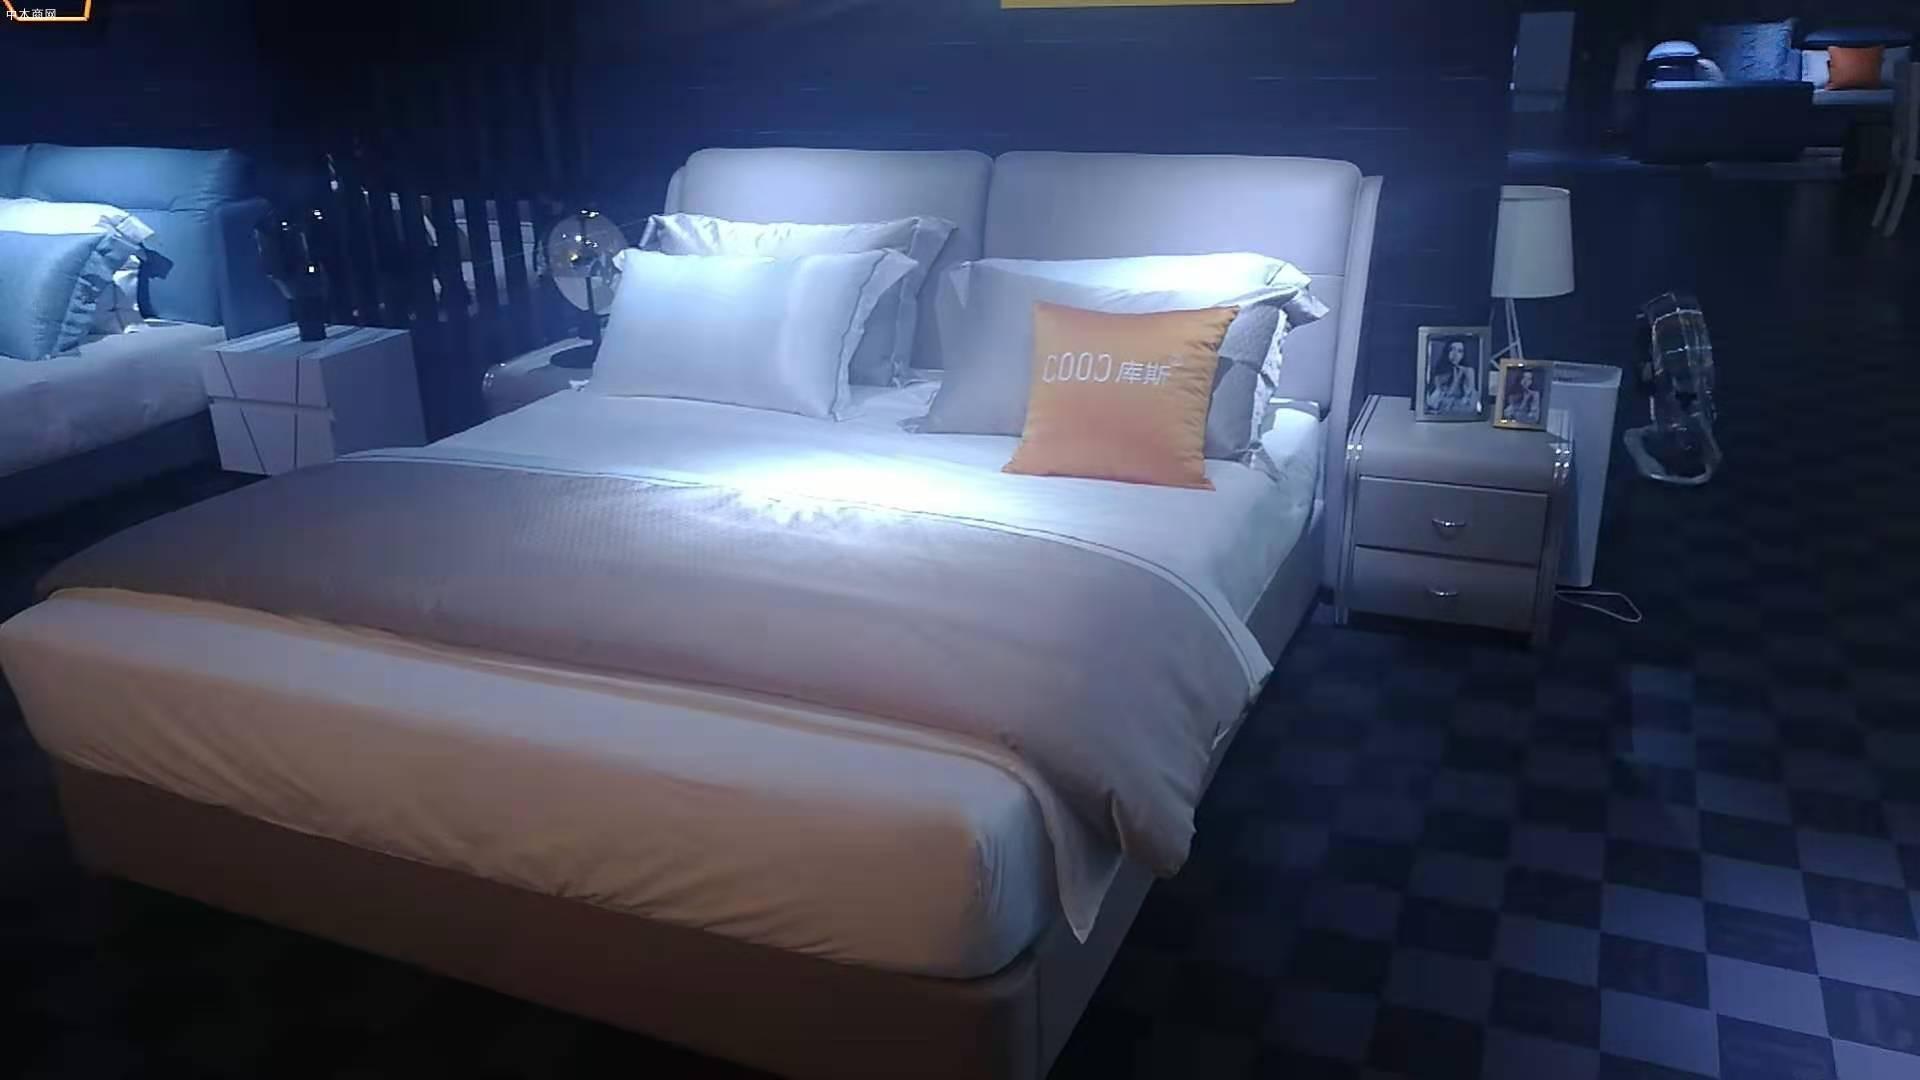 青少年睡软床还是硬床好?软床垫和硬床垫哪个对身体更好批发